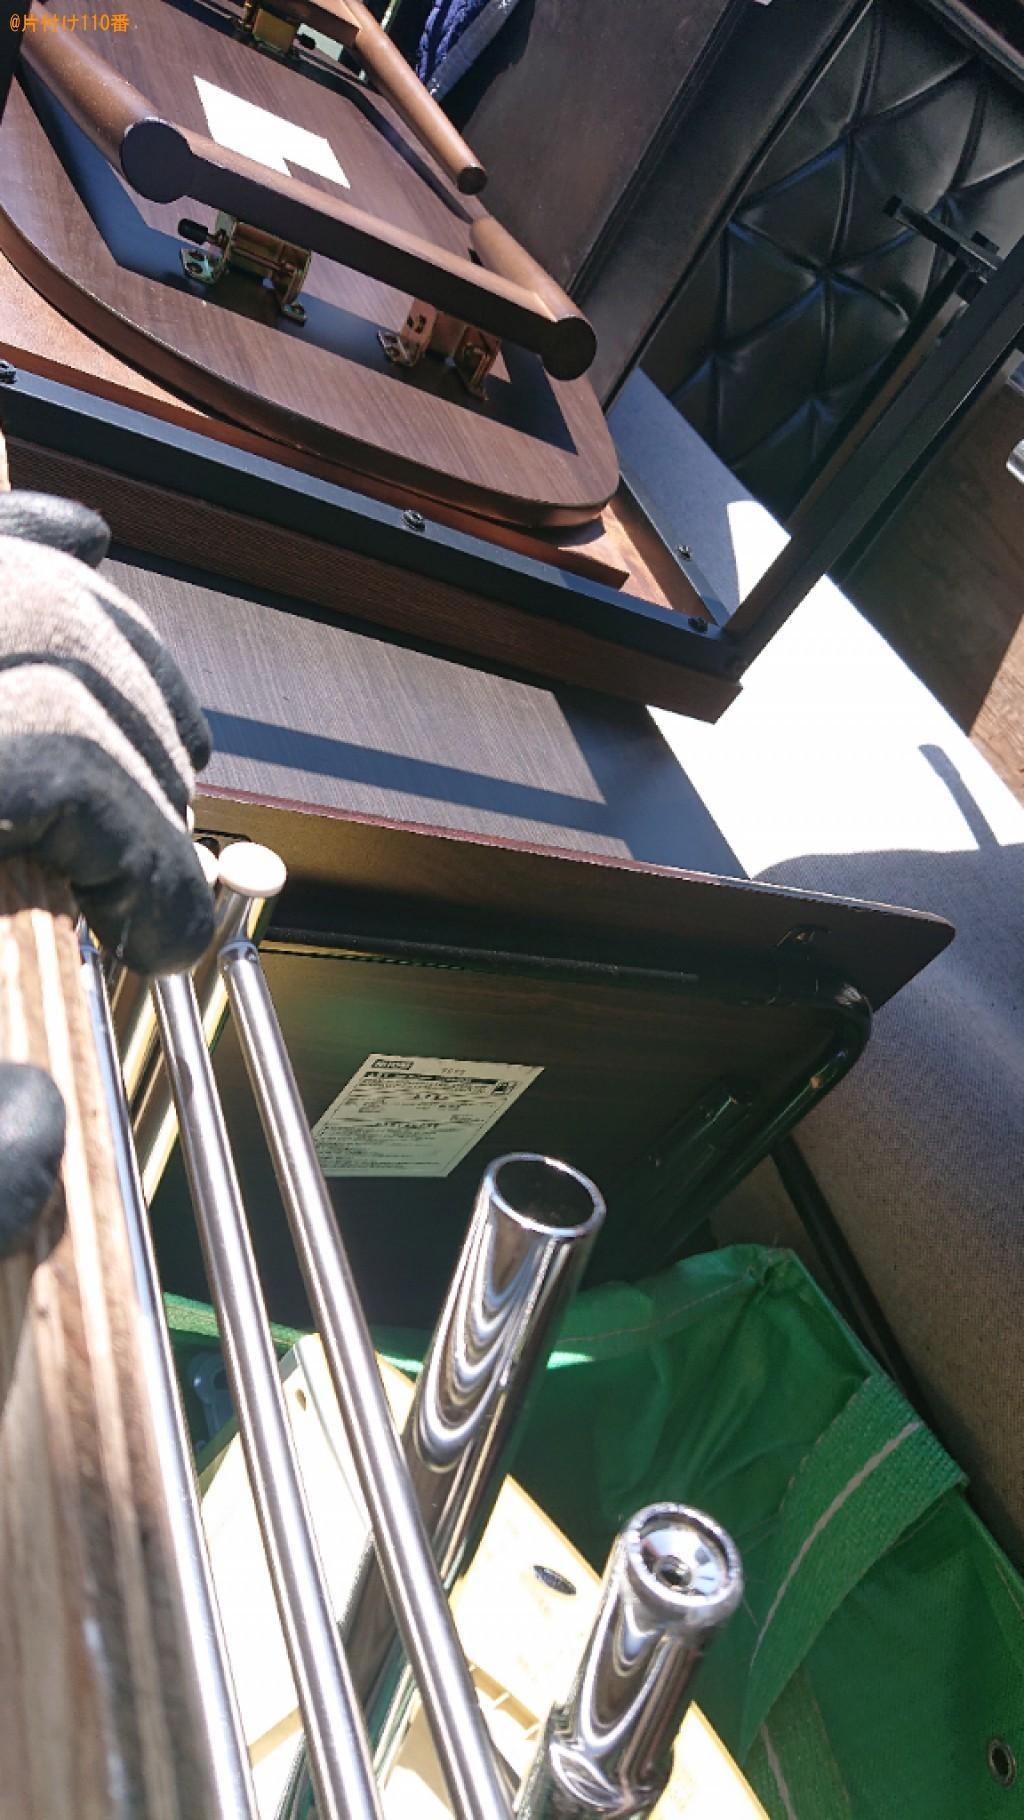 【大阪市西区】冷蔵庫、洗濯機、ソファー、ベッド、座椅子等の回収